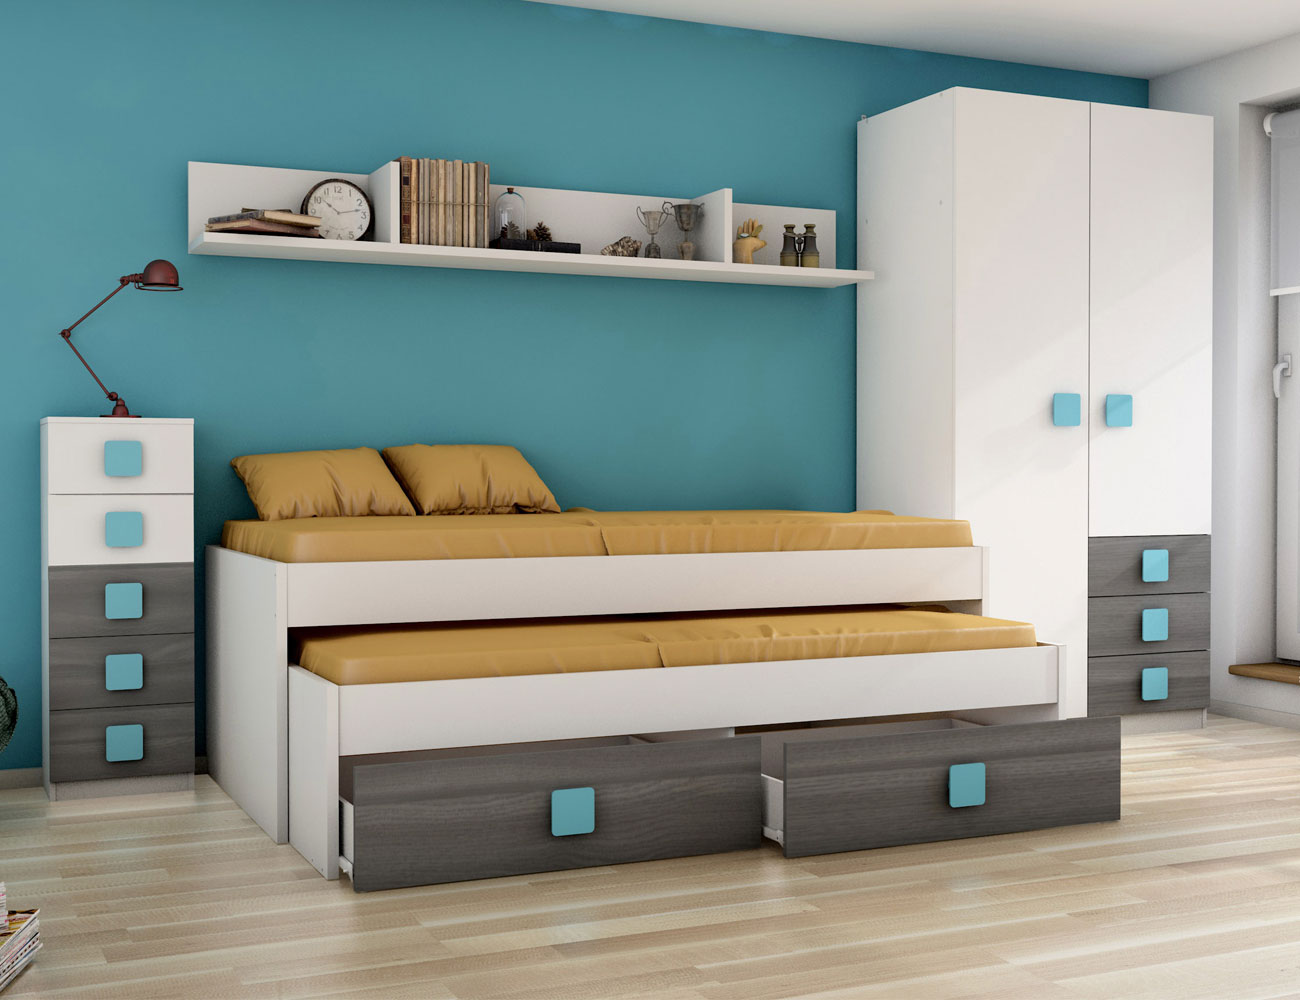 Dormitorio juvenil grafito ceniza azul5